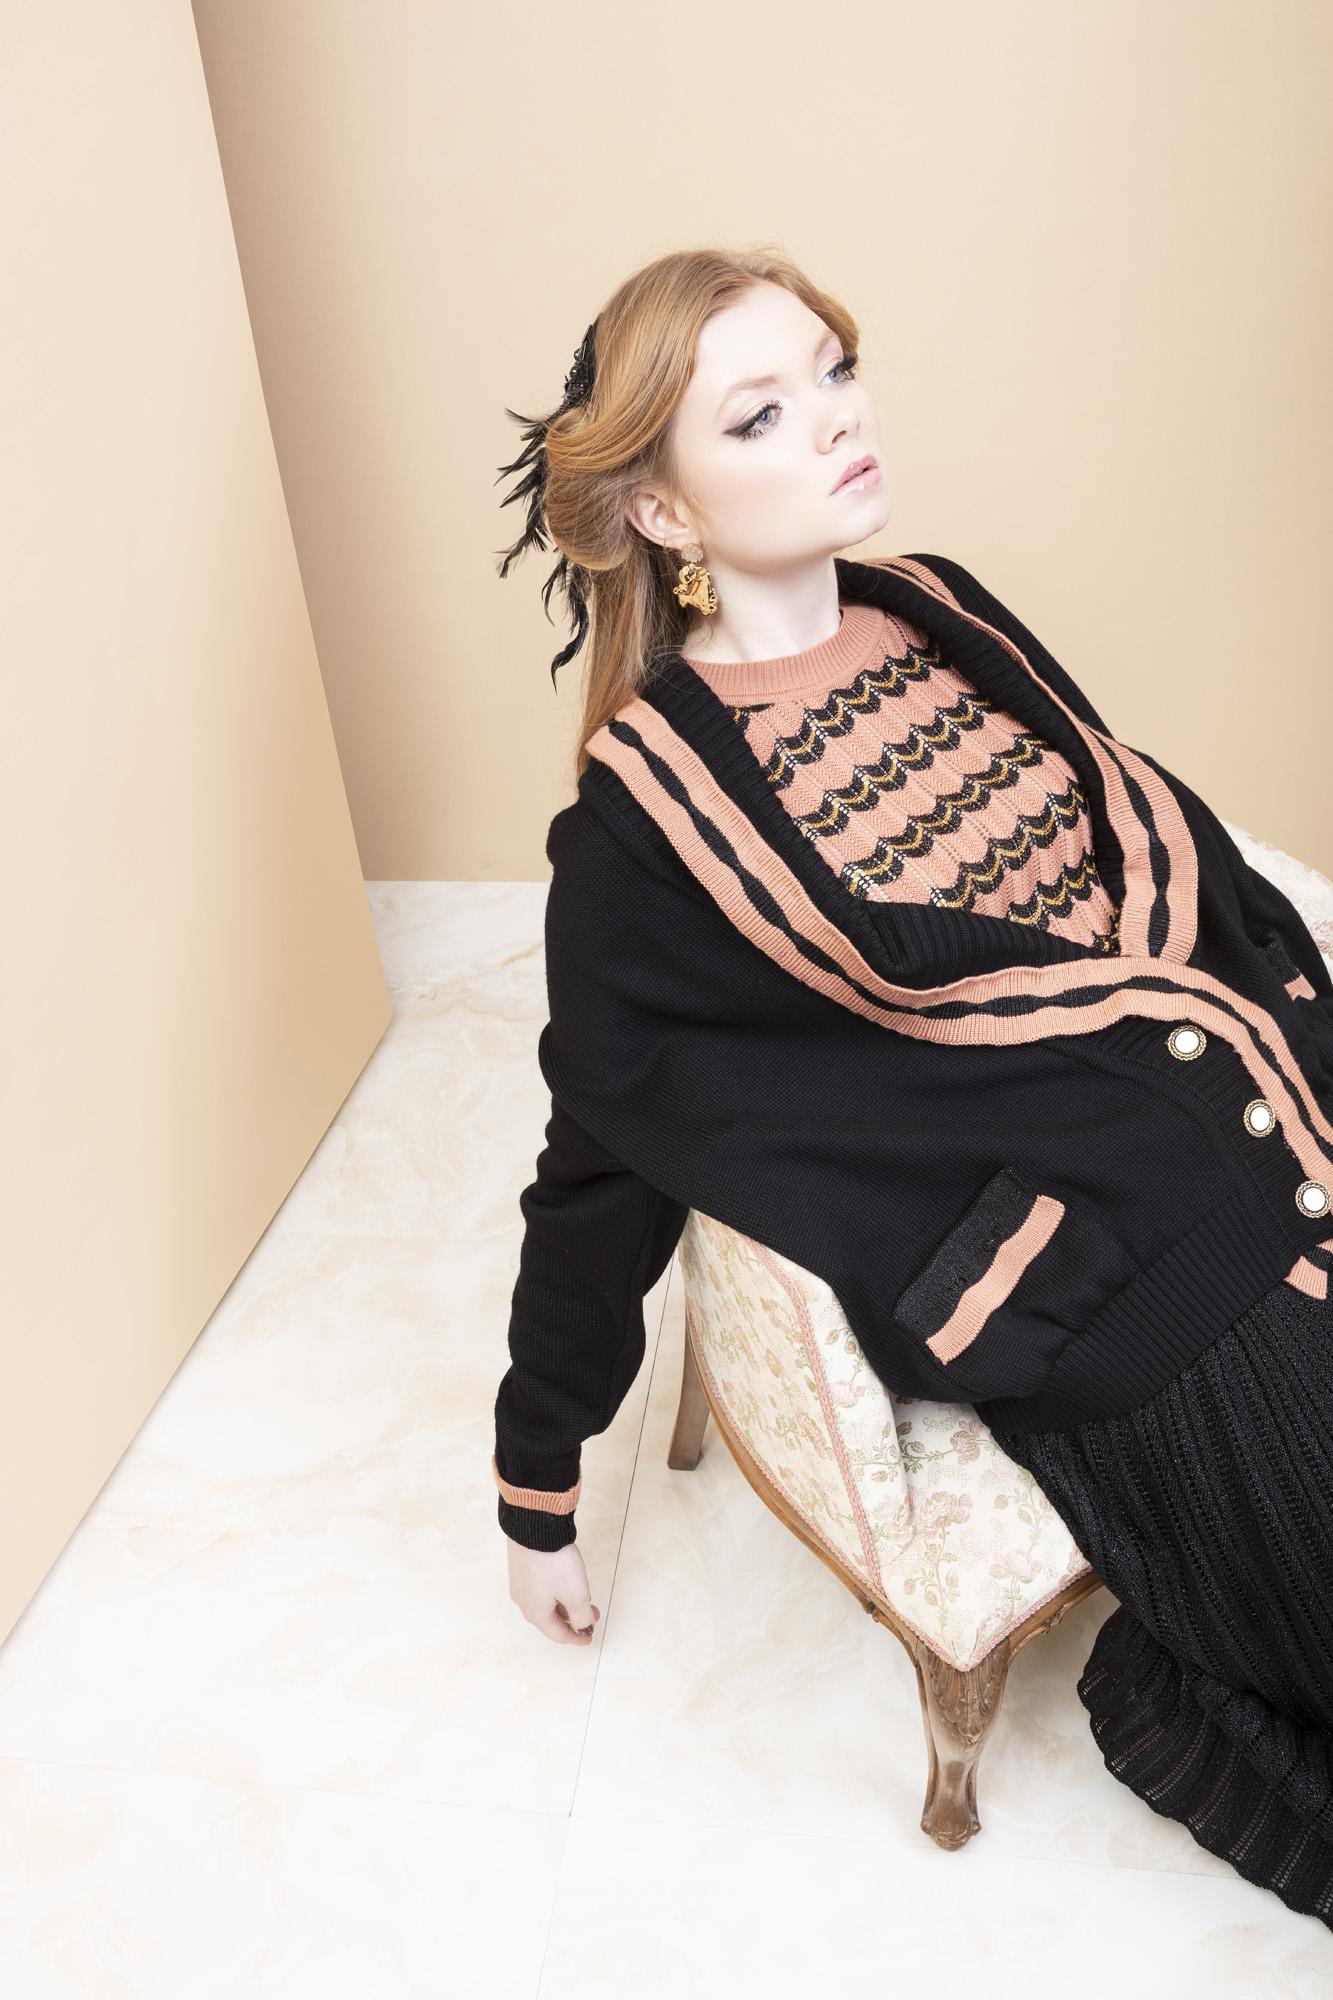 STMA-maglione-donna-nero-rosa-1